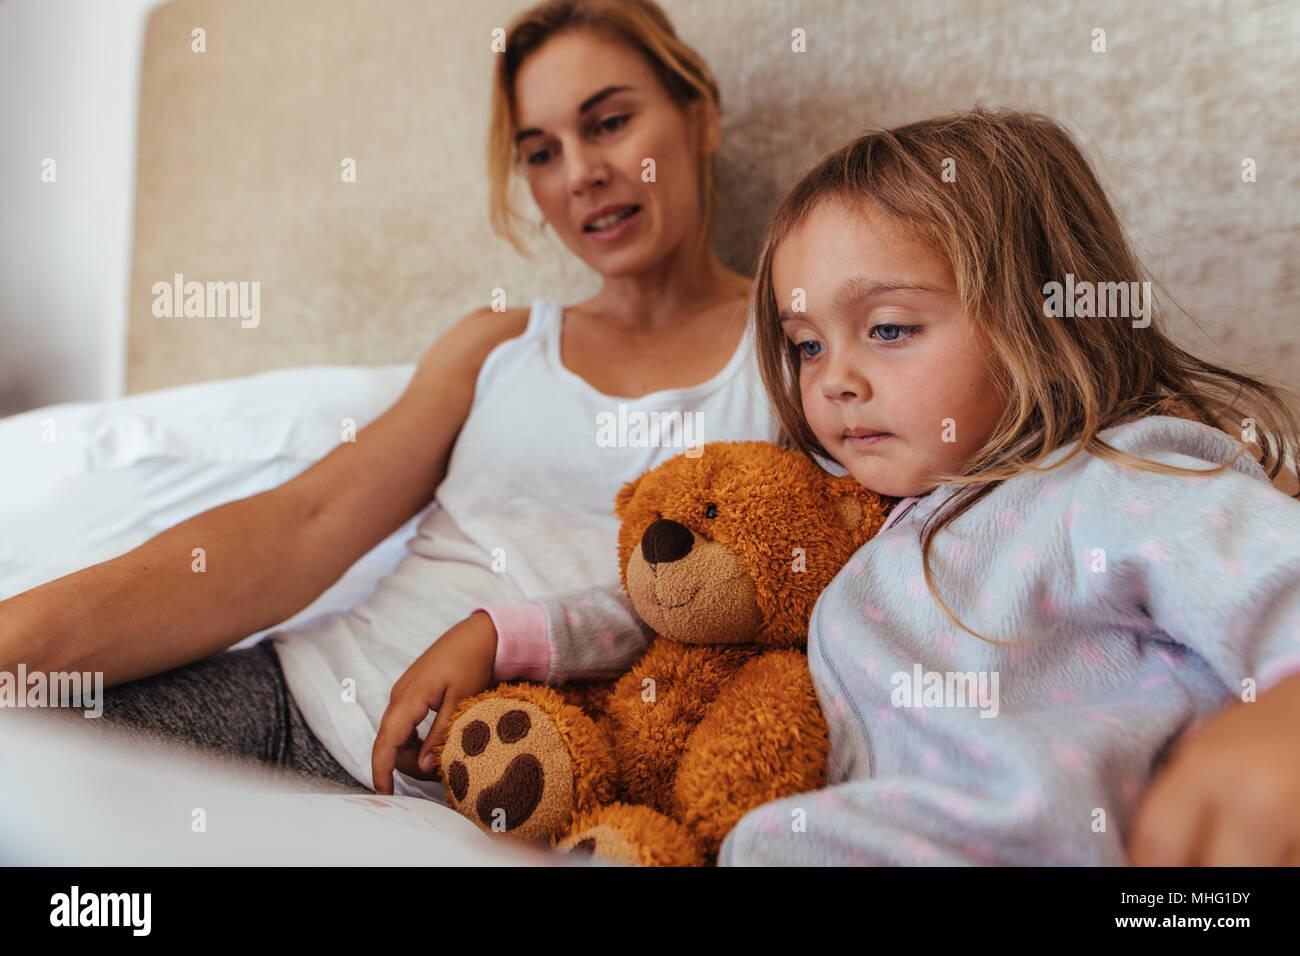 Niña leyendo un libro de interés sentada en la cama con su madre. Madre e hija leyendo un libro en la cama. Imagen De Stock